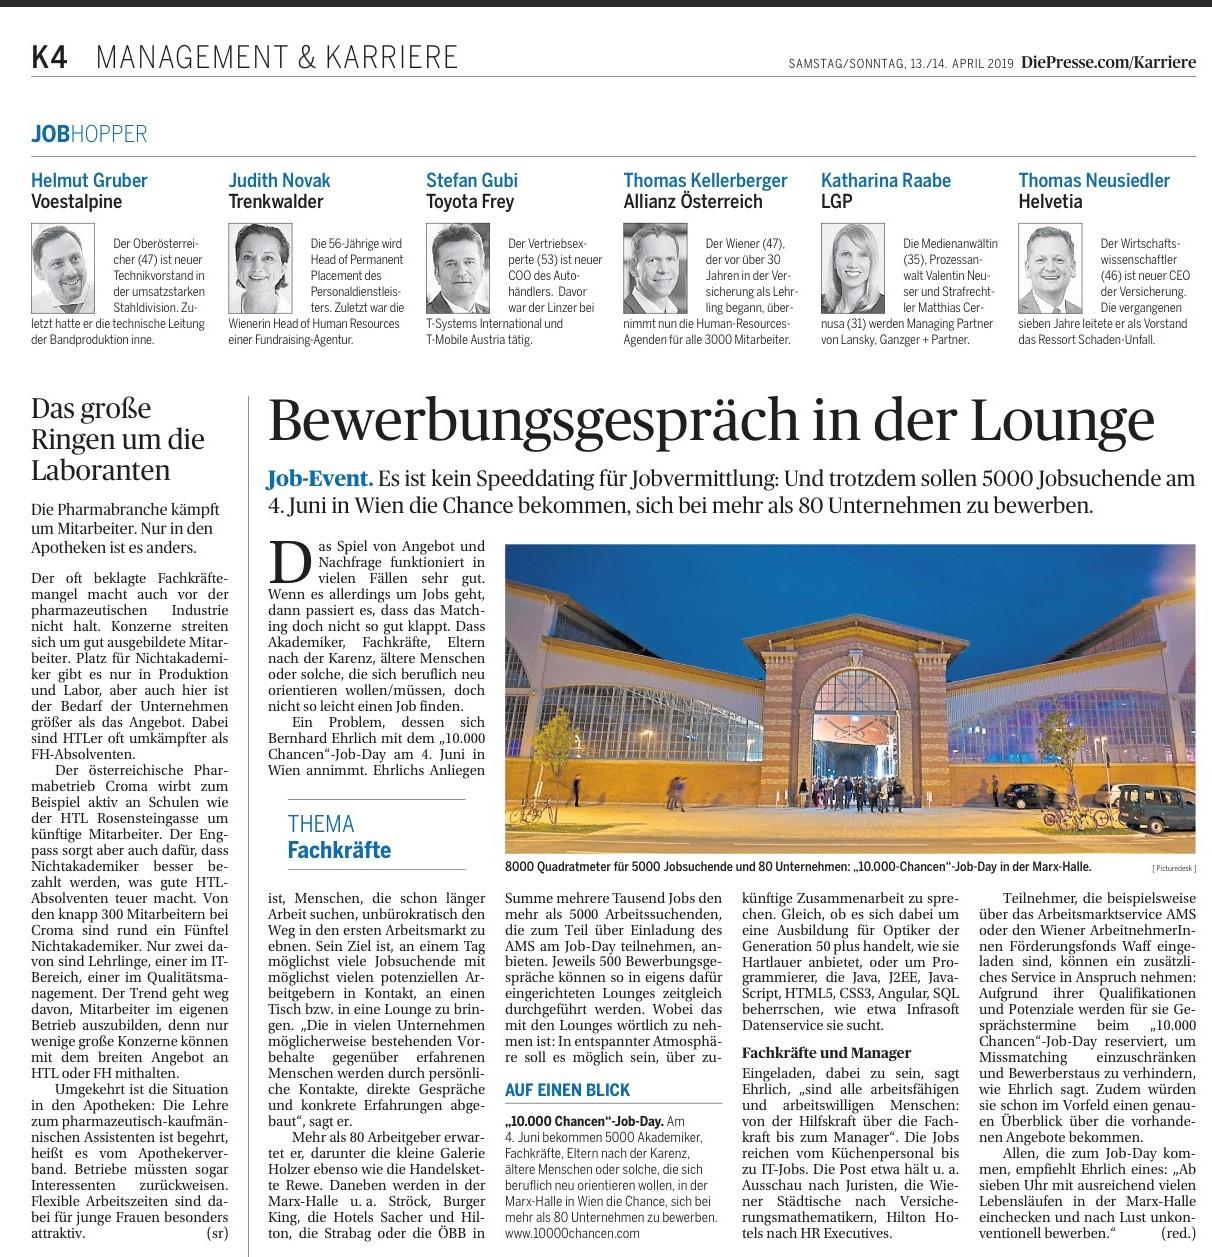 Die Presse 13/14.4.2019